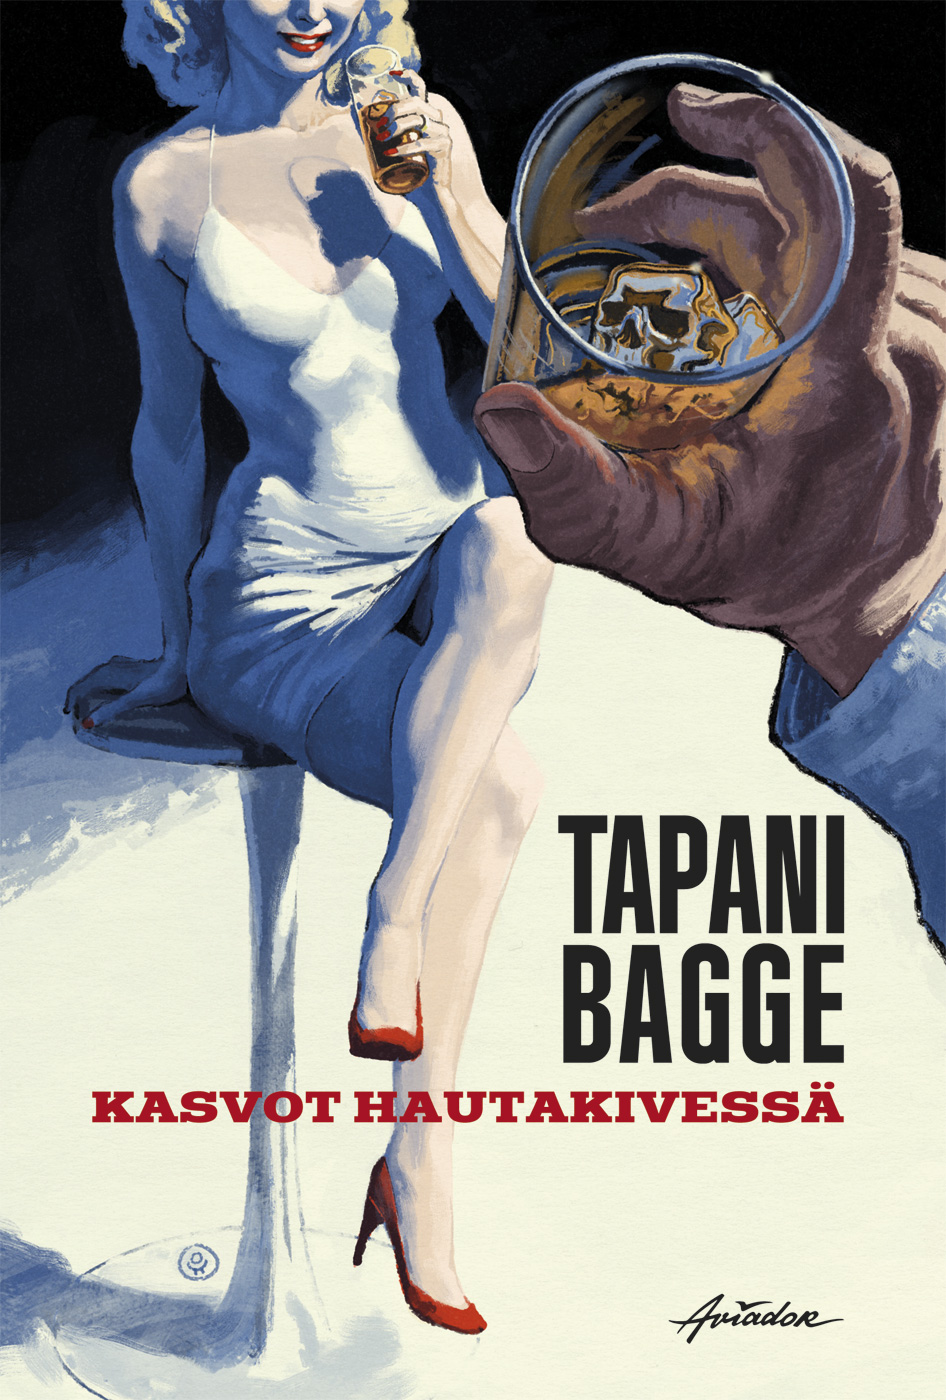 kasvothautakivessa_cover1400.jpg